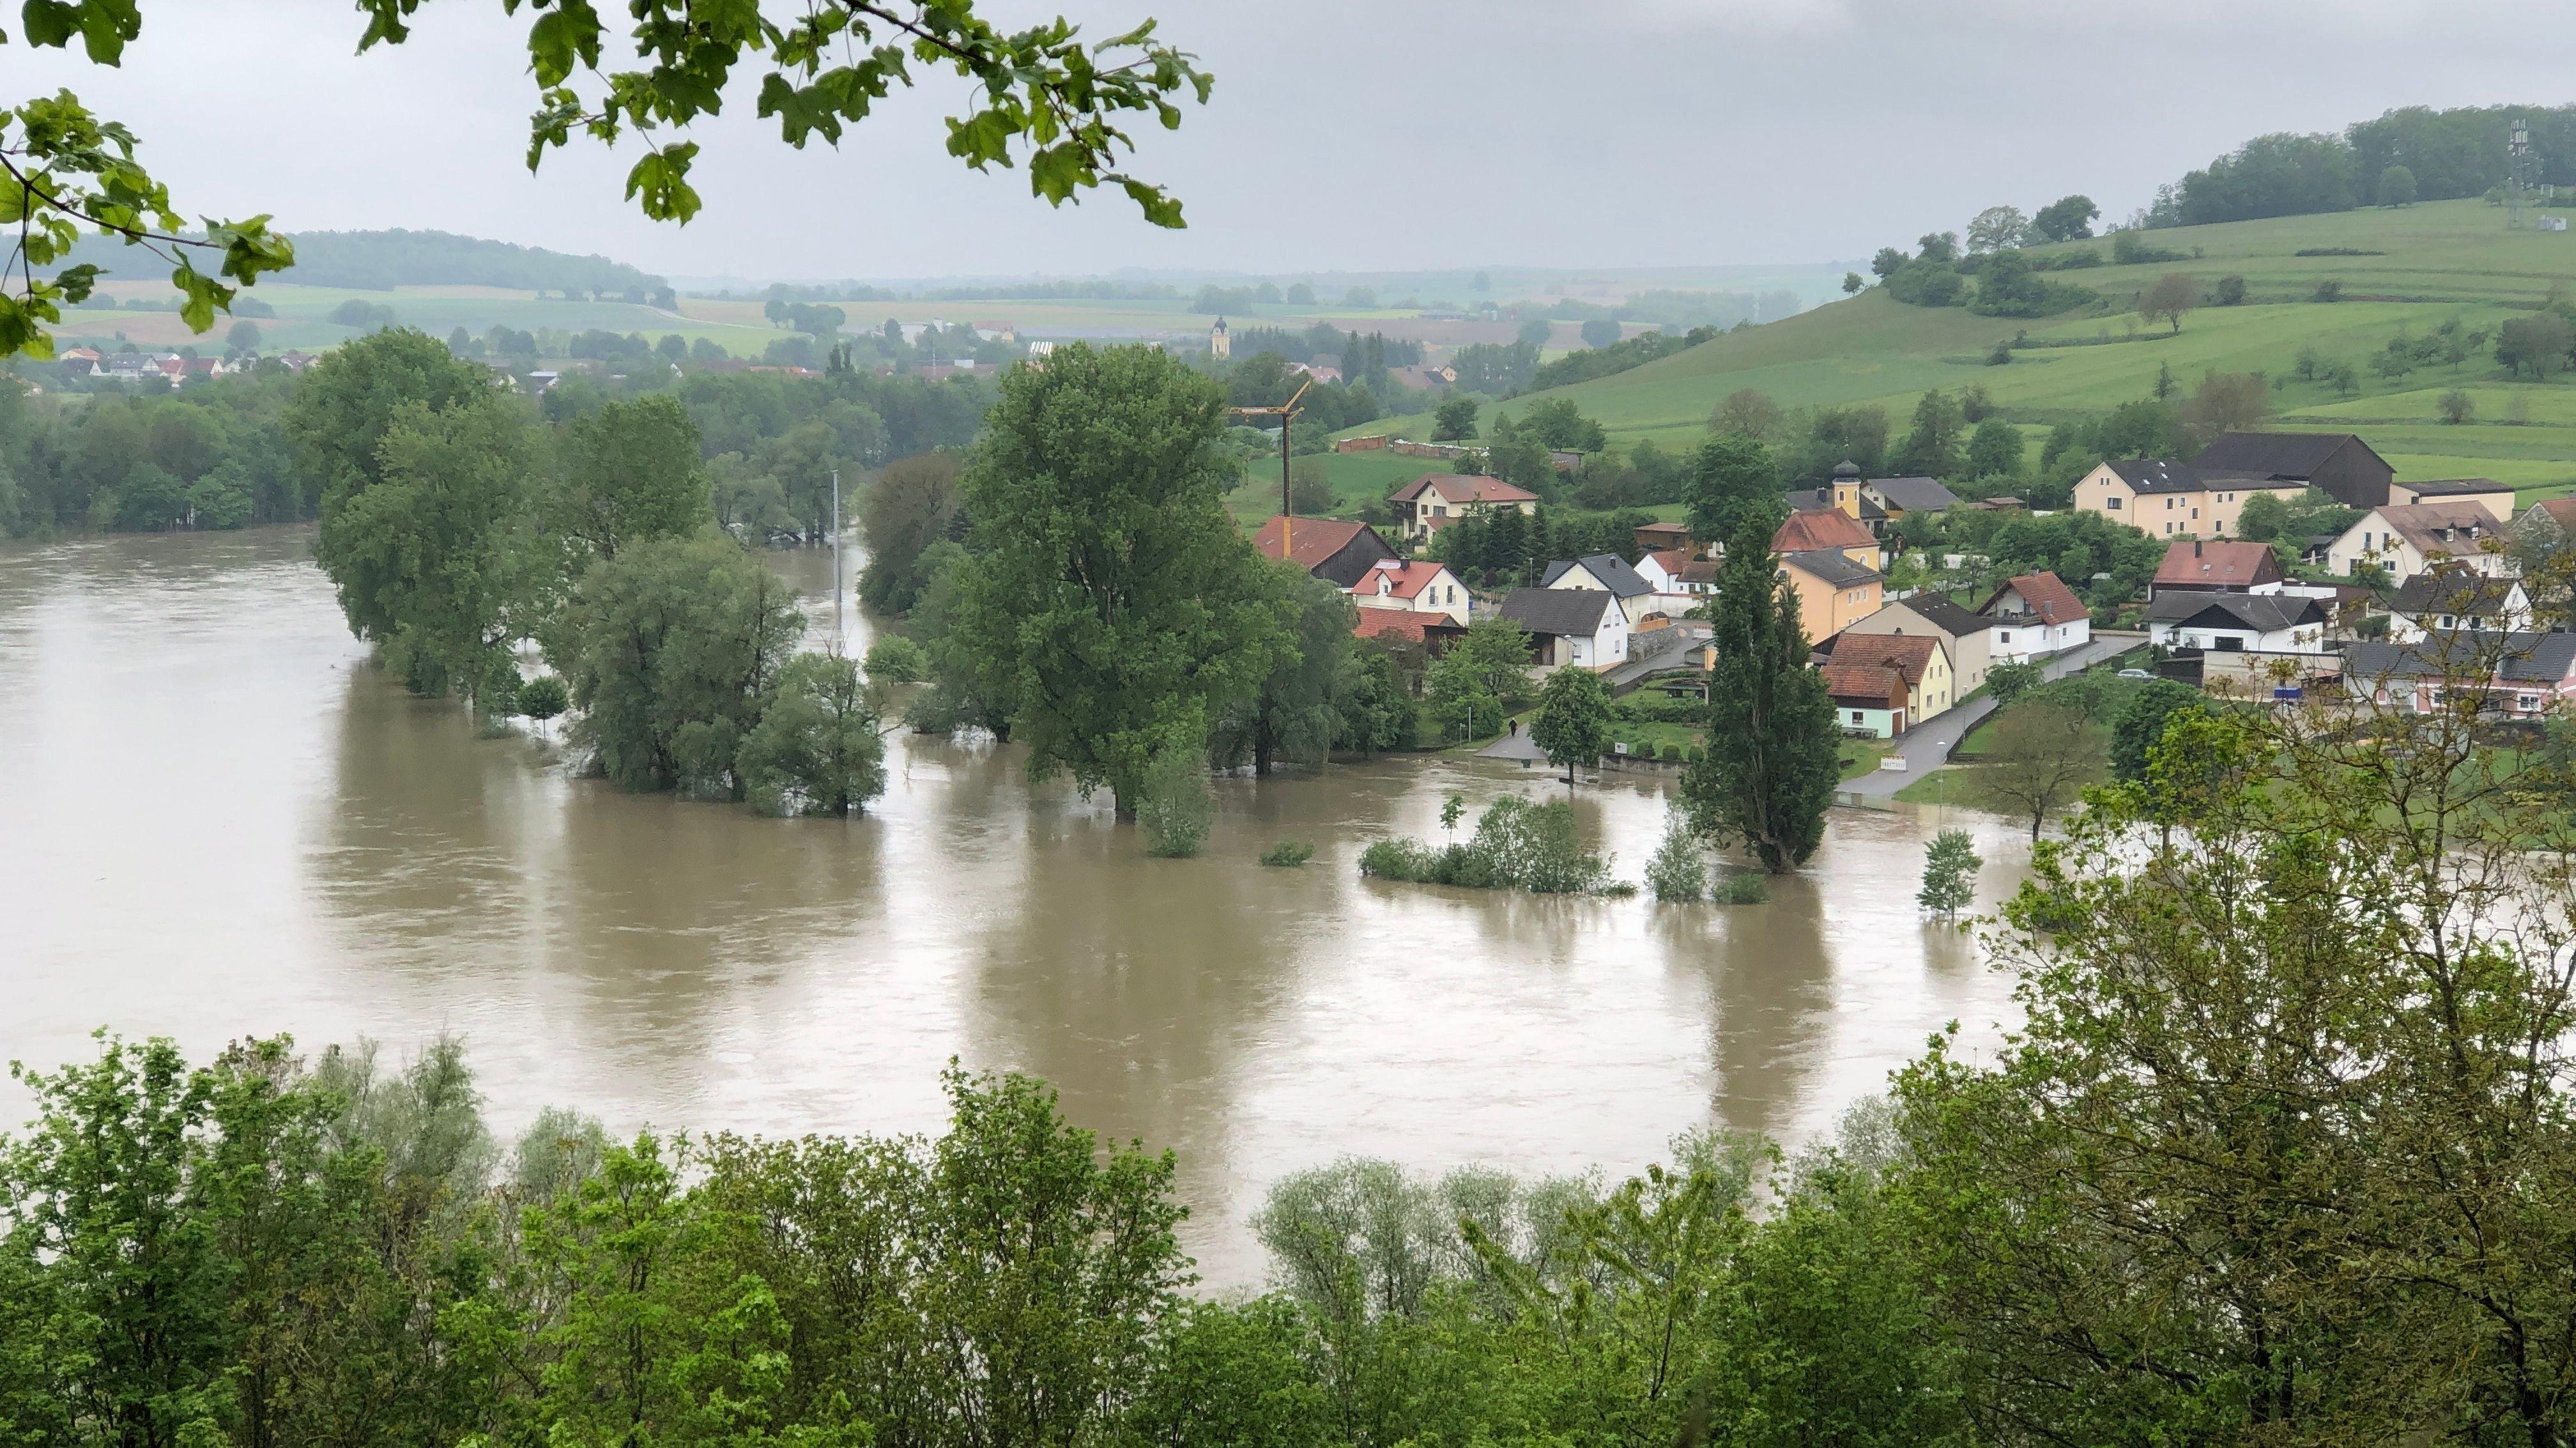 Hochwasser an der Donau bei Stausacker (Lkr. Kelheim)